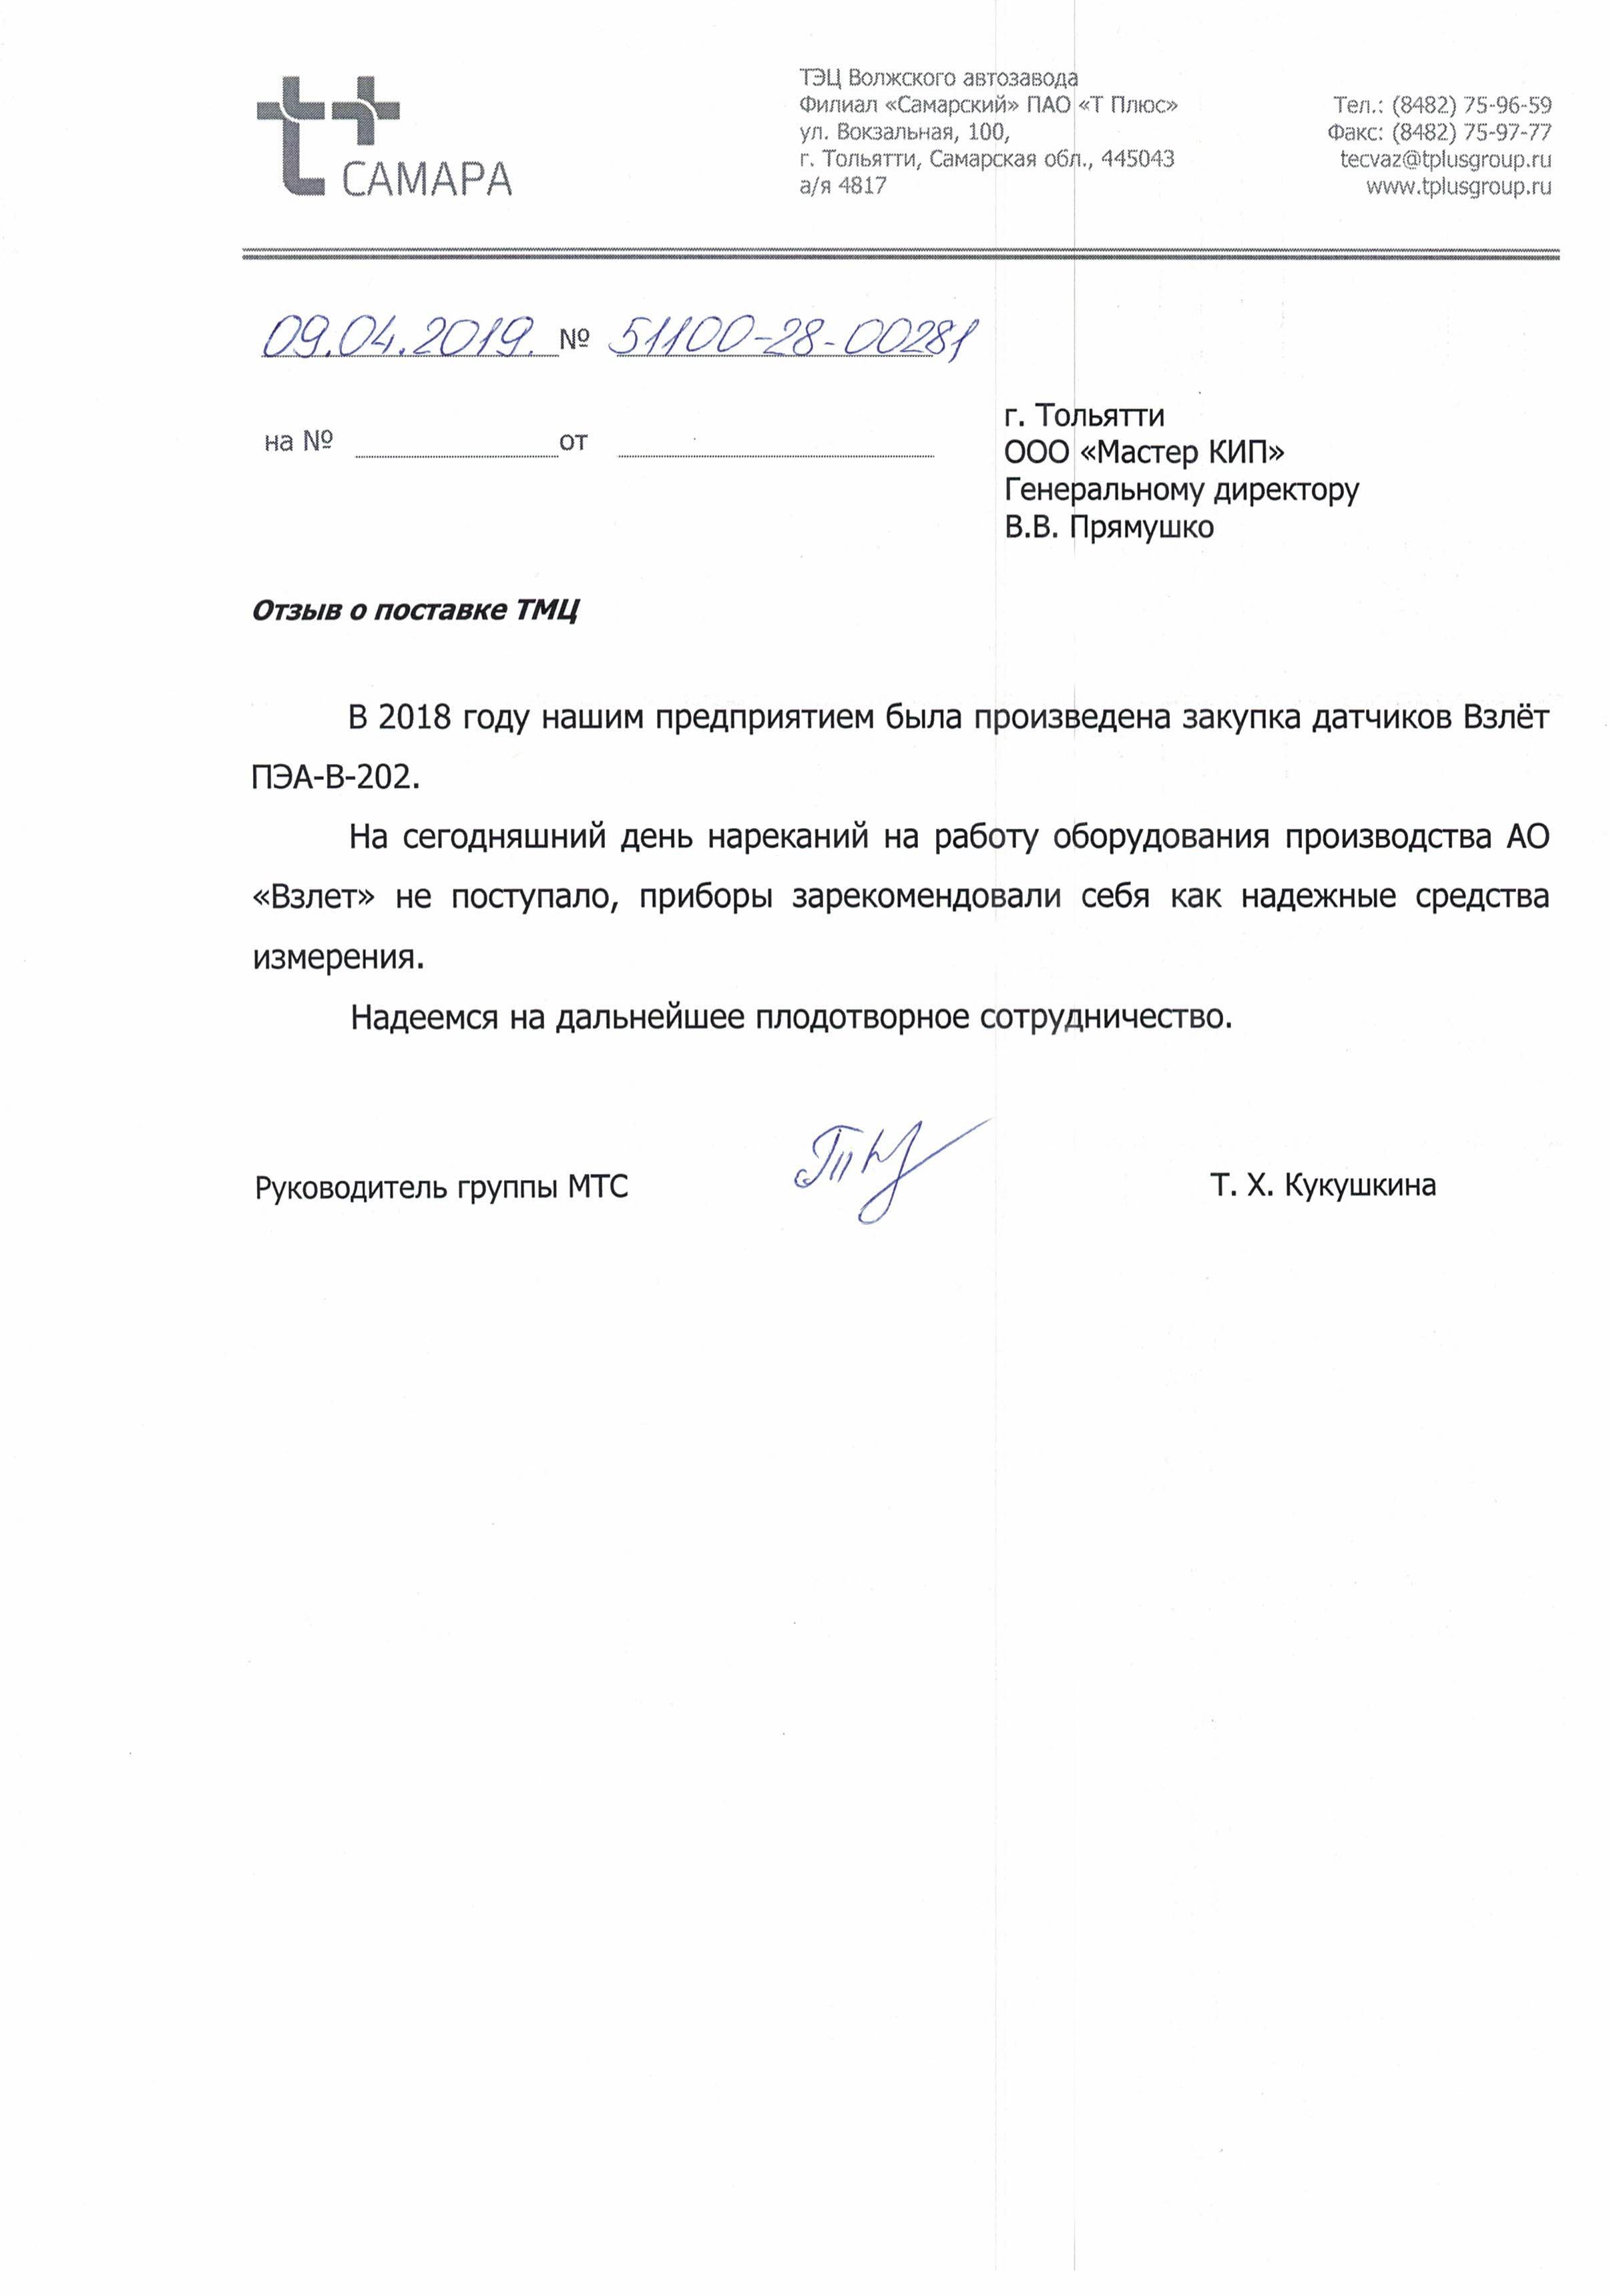 Отзыв от ТЭЦ АвтоВАЗа